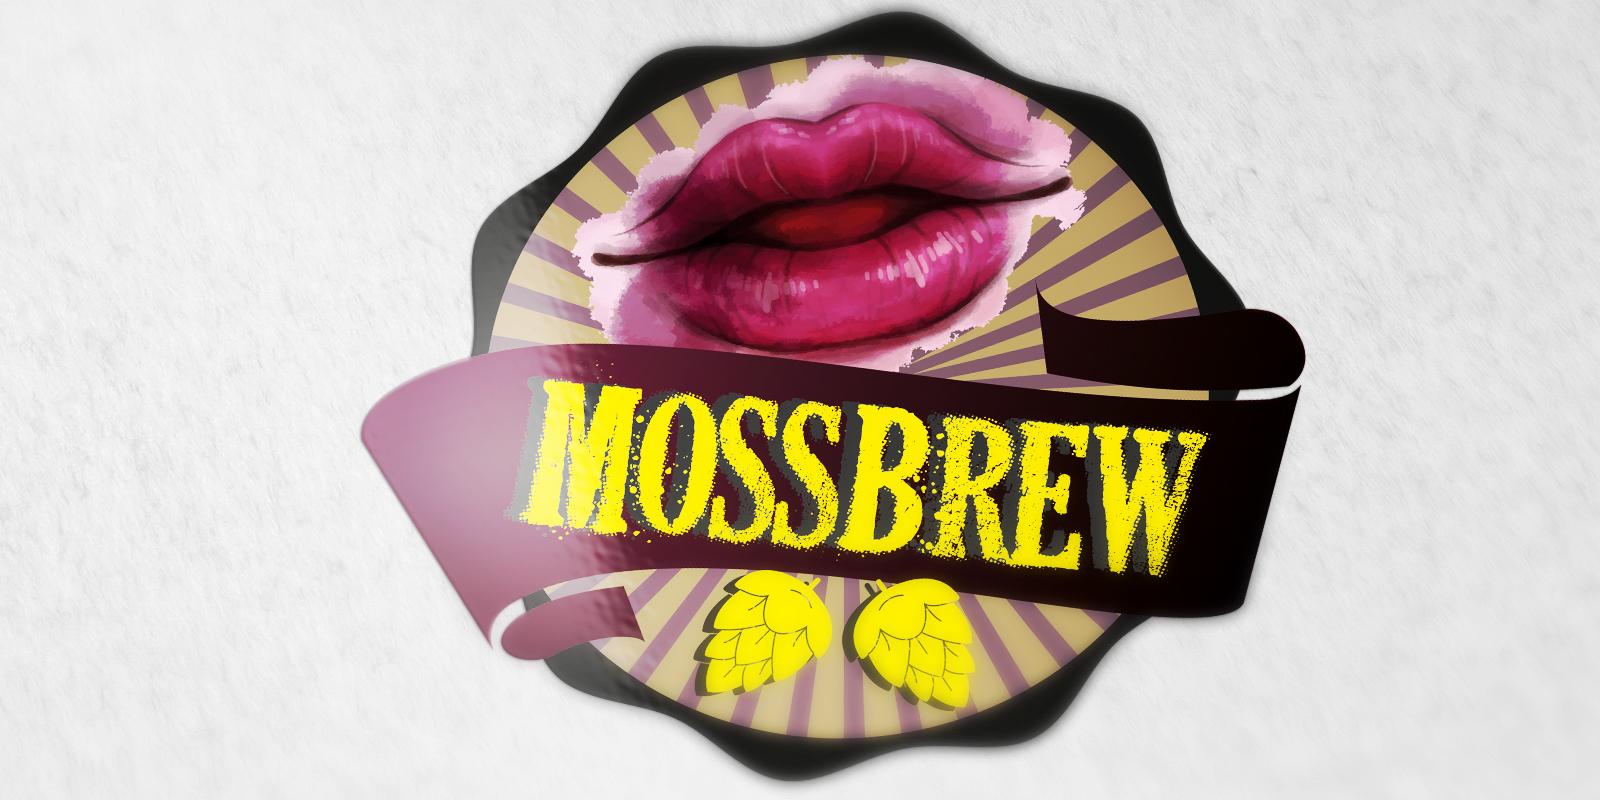 Логотип для пивоварни фото f_8955987640fb648e.jpg